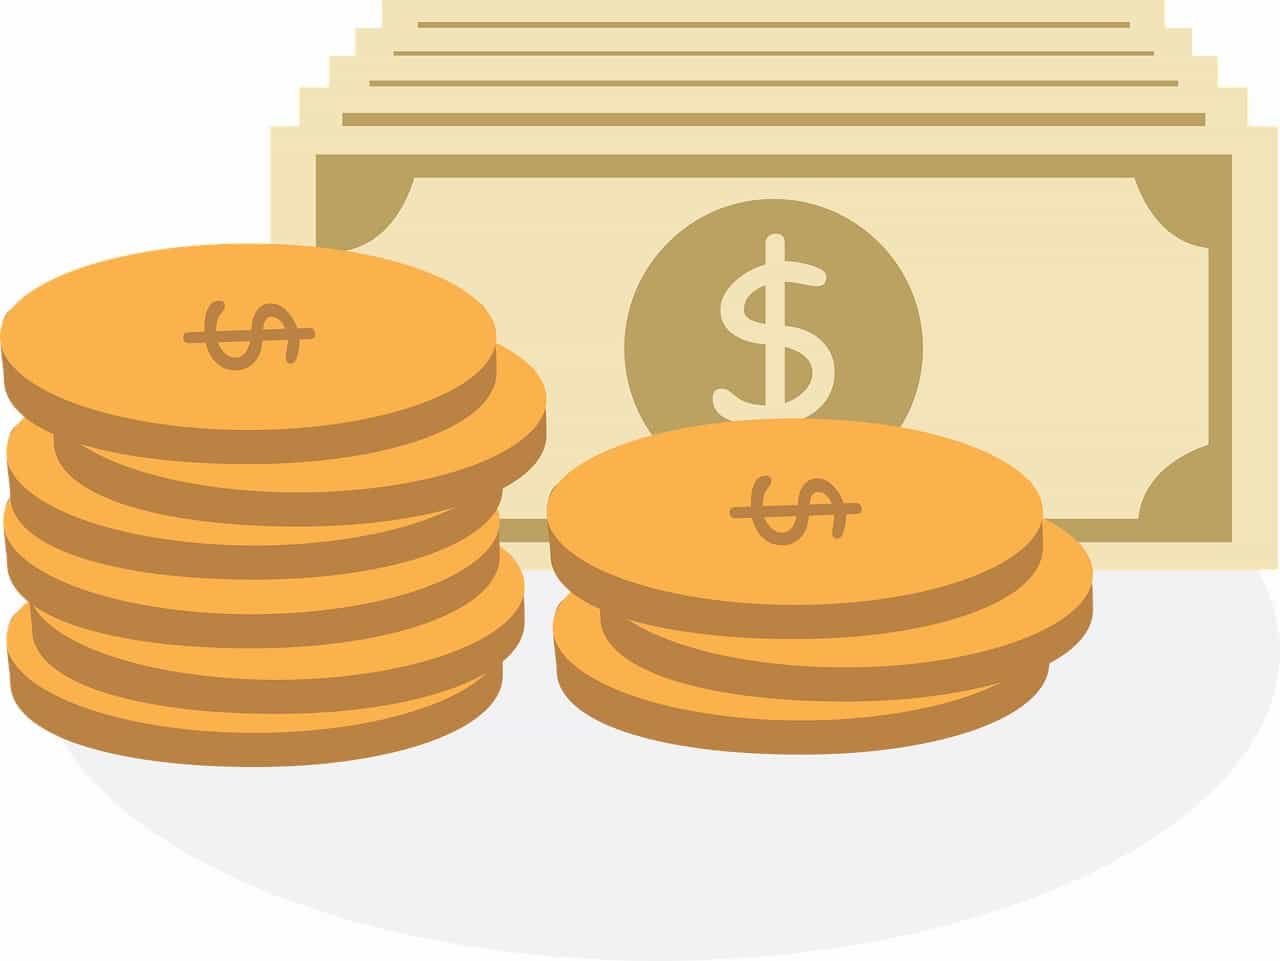 コインと紙幣